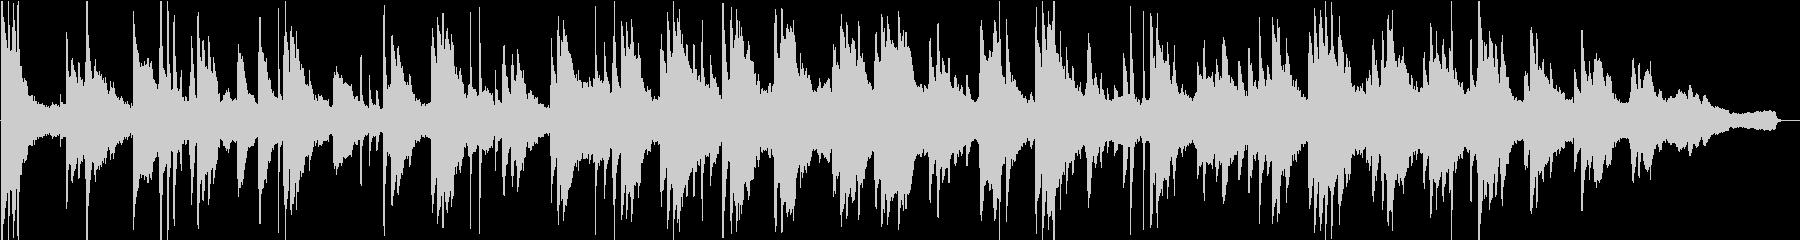 ヒーリングピアノ組曲 まどろみ 1の未再生の波形